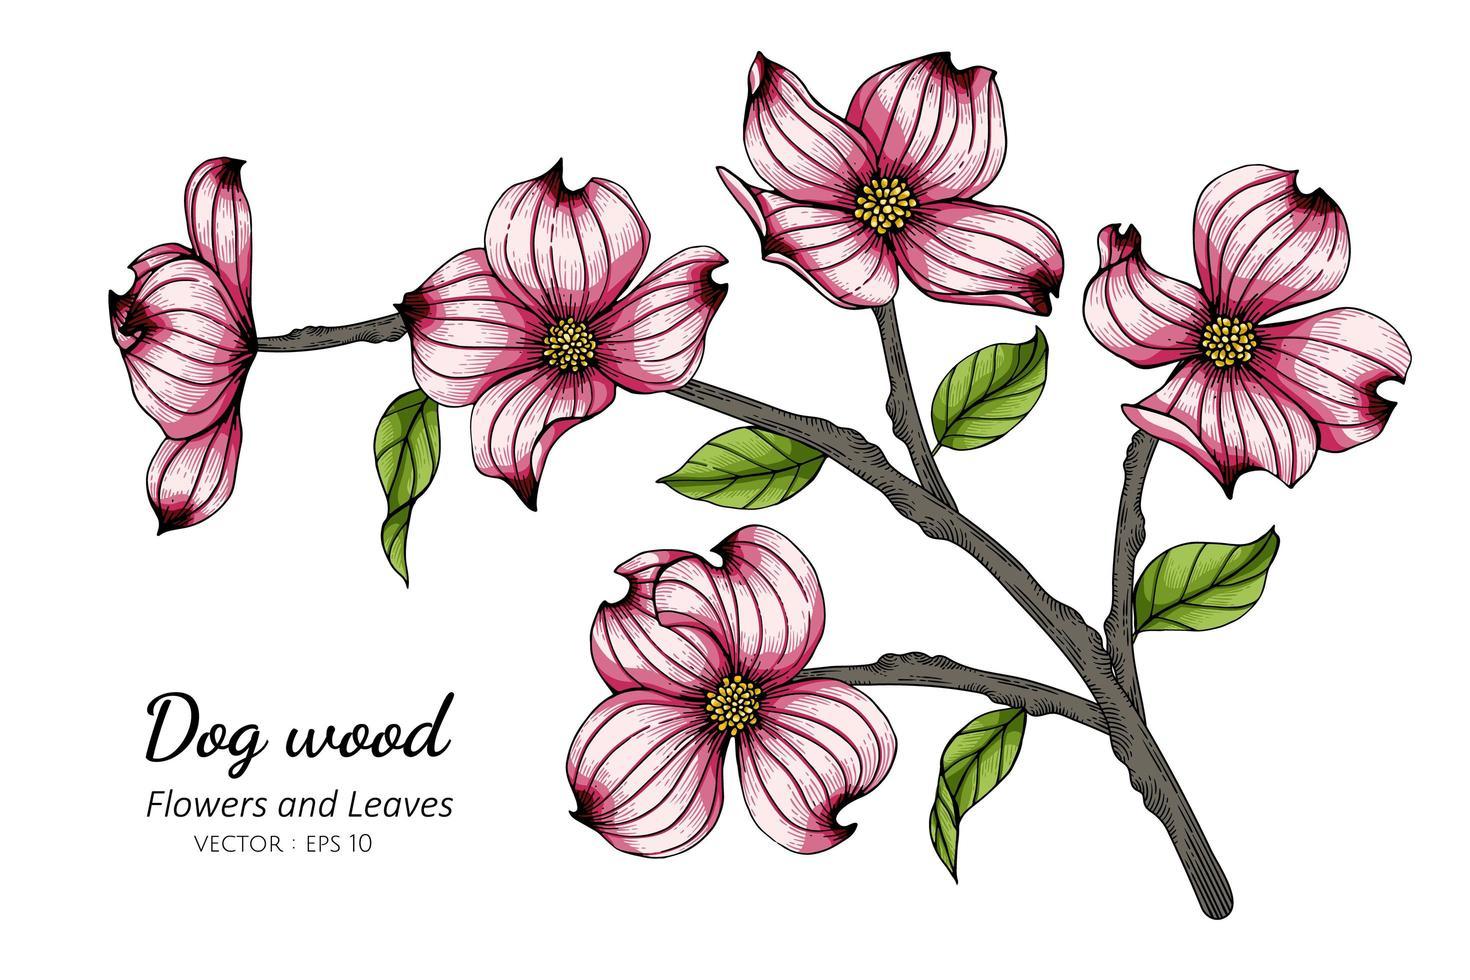 disegno di fiori e foglie di corniolo rosa vettore